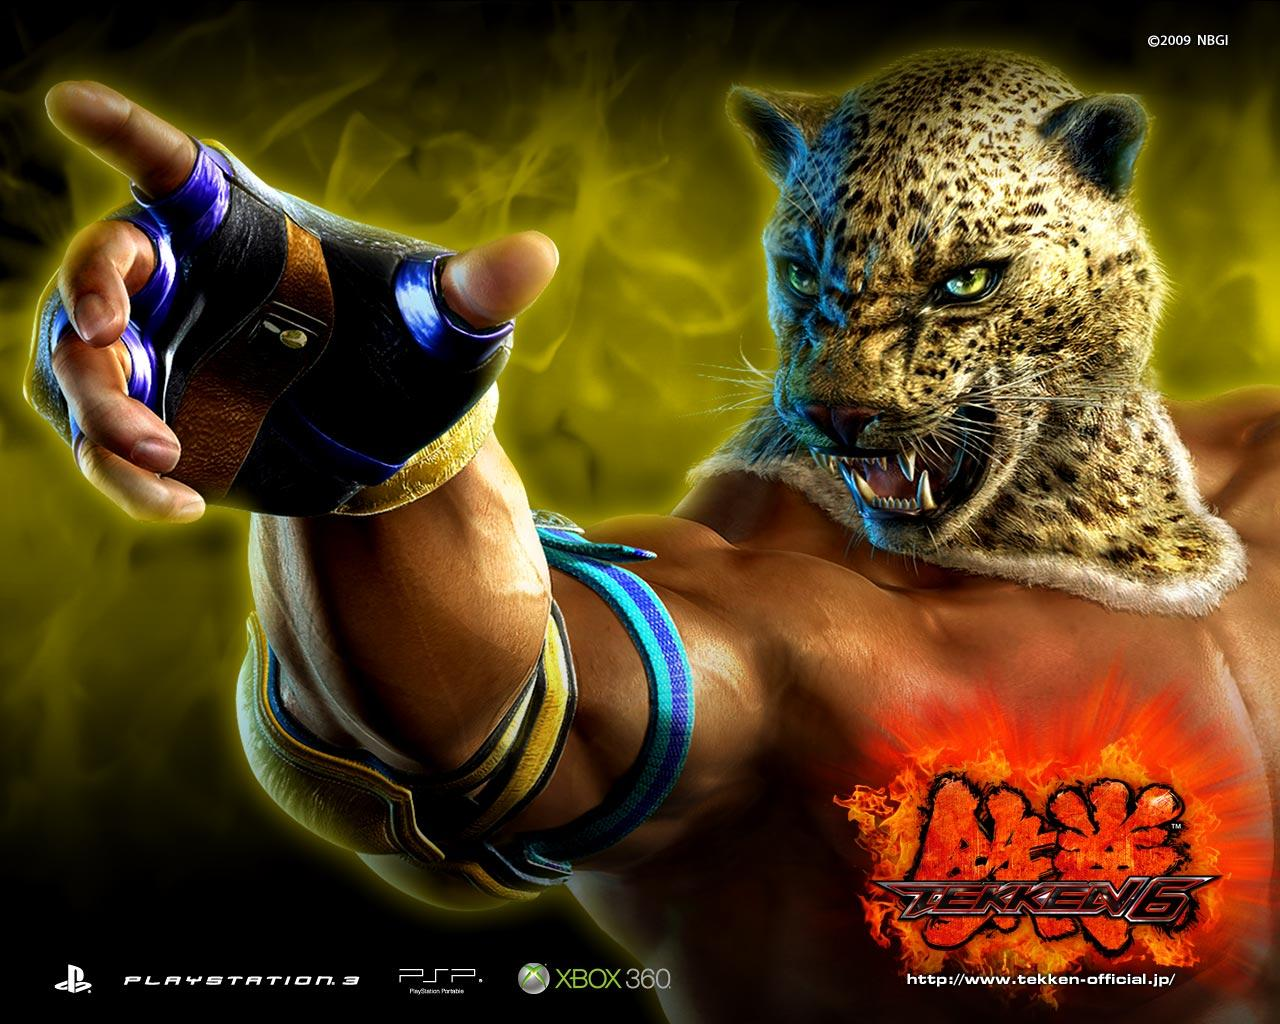 Download Tekken Galleries Tekkenking King Wallpaper 1280x1024 1280x1024